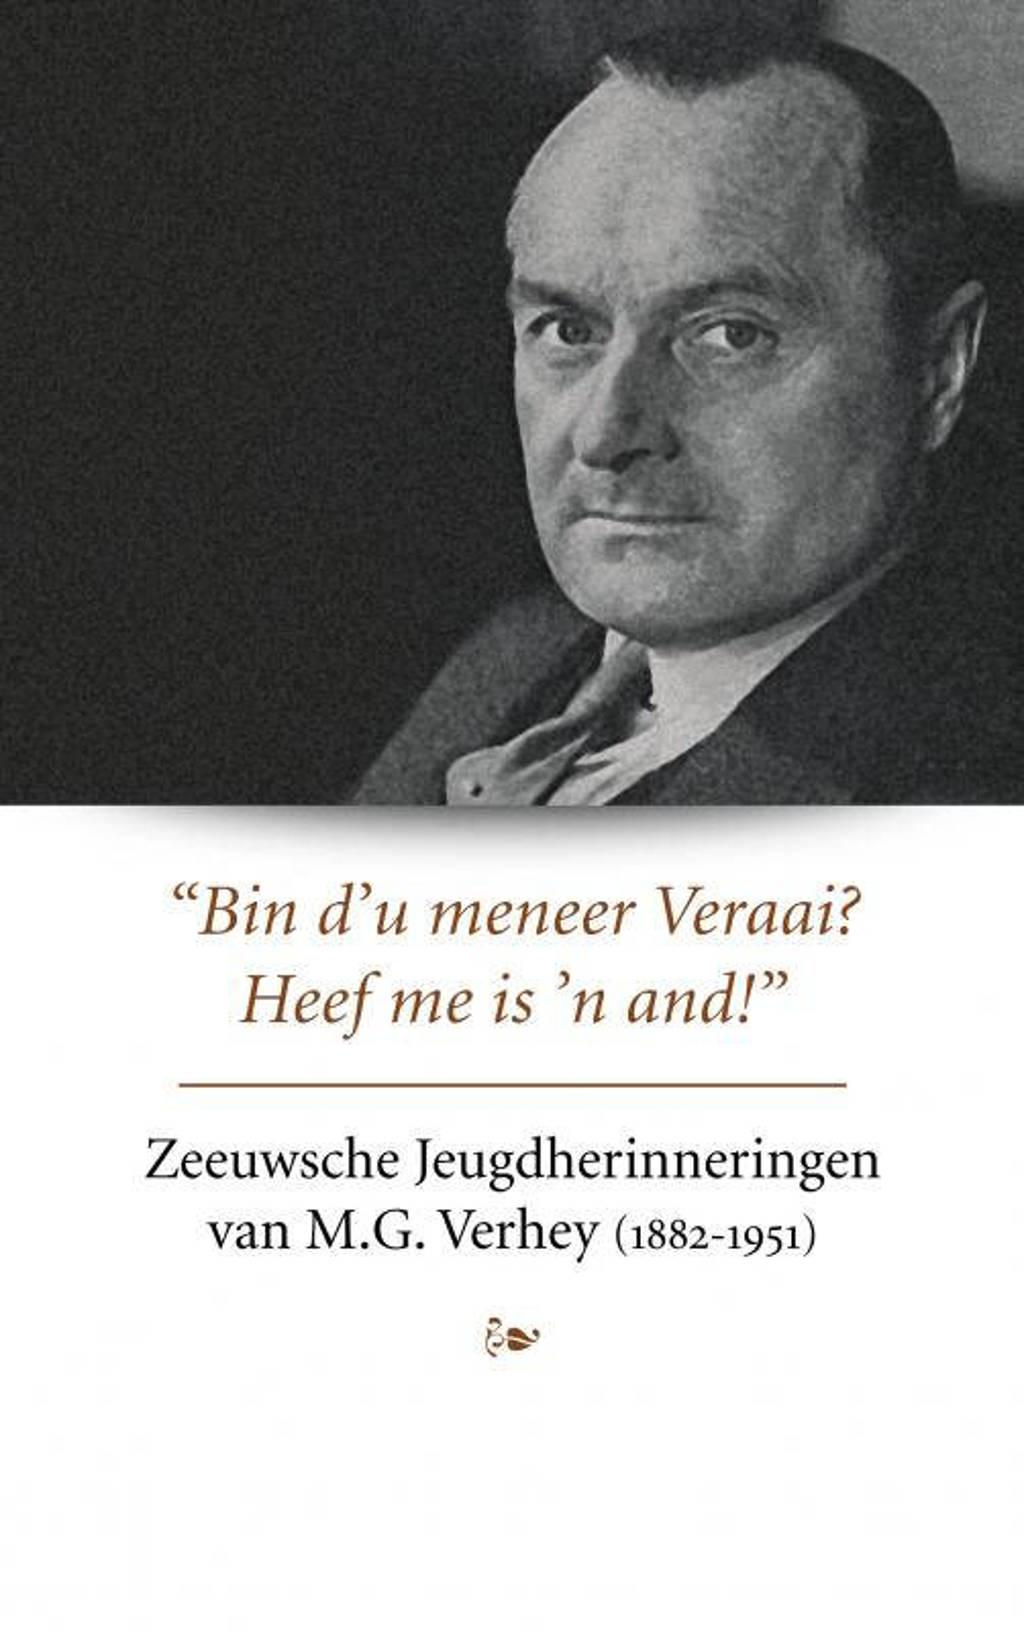 Zeeuwsche Jeugdherinneringen van M.G. Verhey - Herbert Verhey